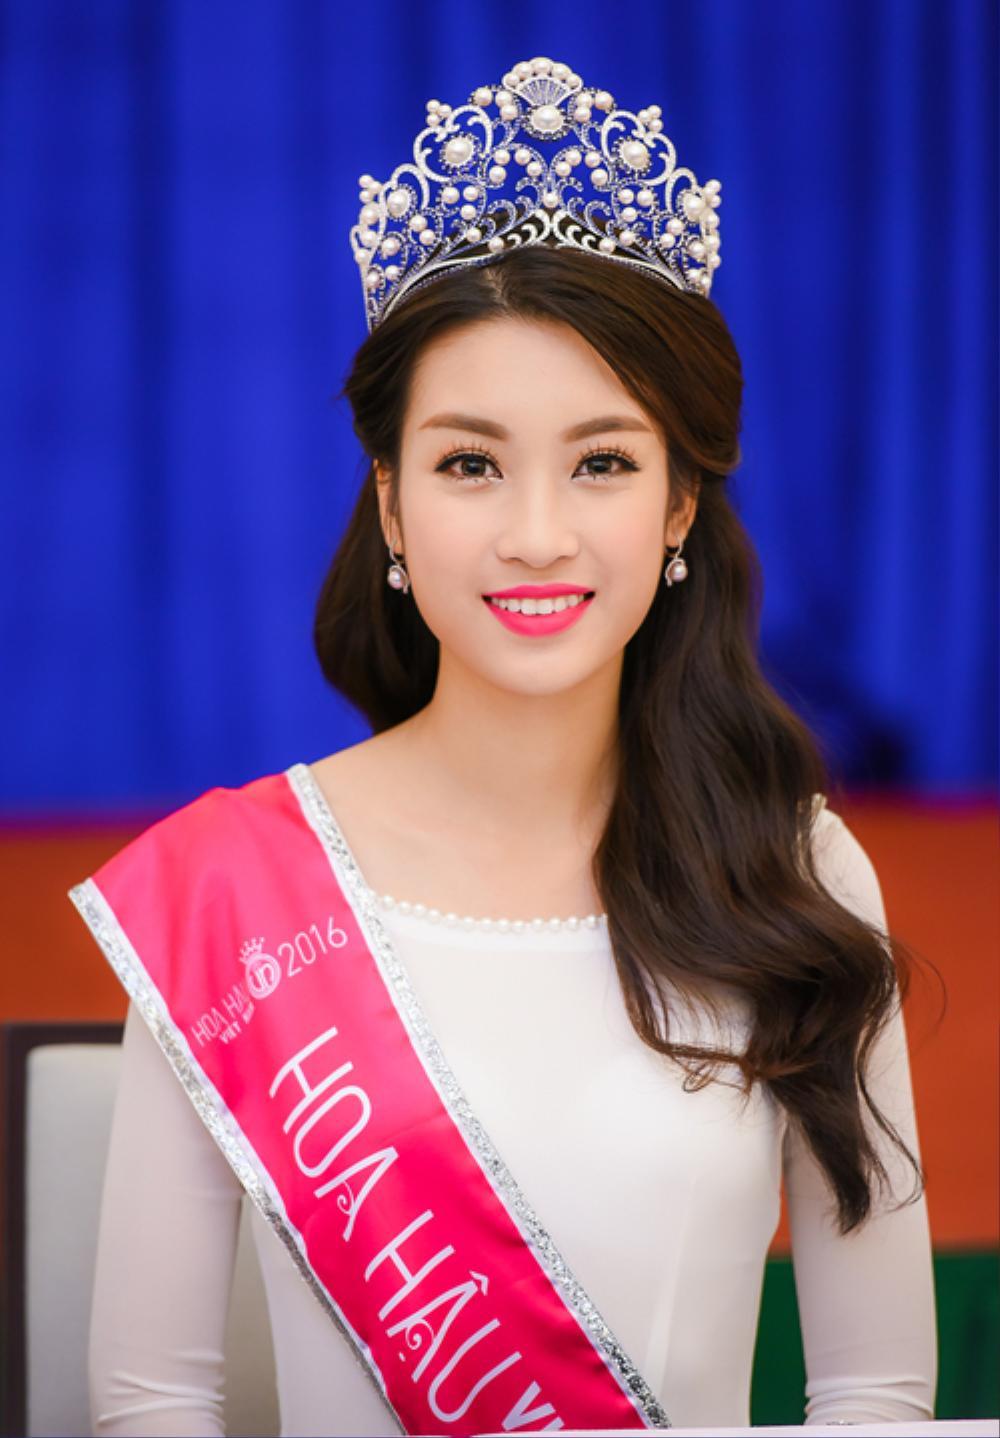 Tân Hoa hậu Đỗ Thị Hà bị soi hàm răng kém xinh giống Đỗ Mỹ Linh ngày mới đăng quang Ảnh 8